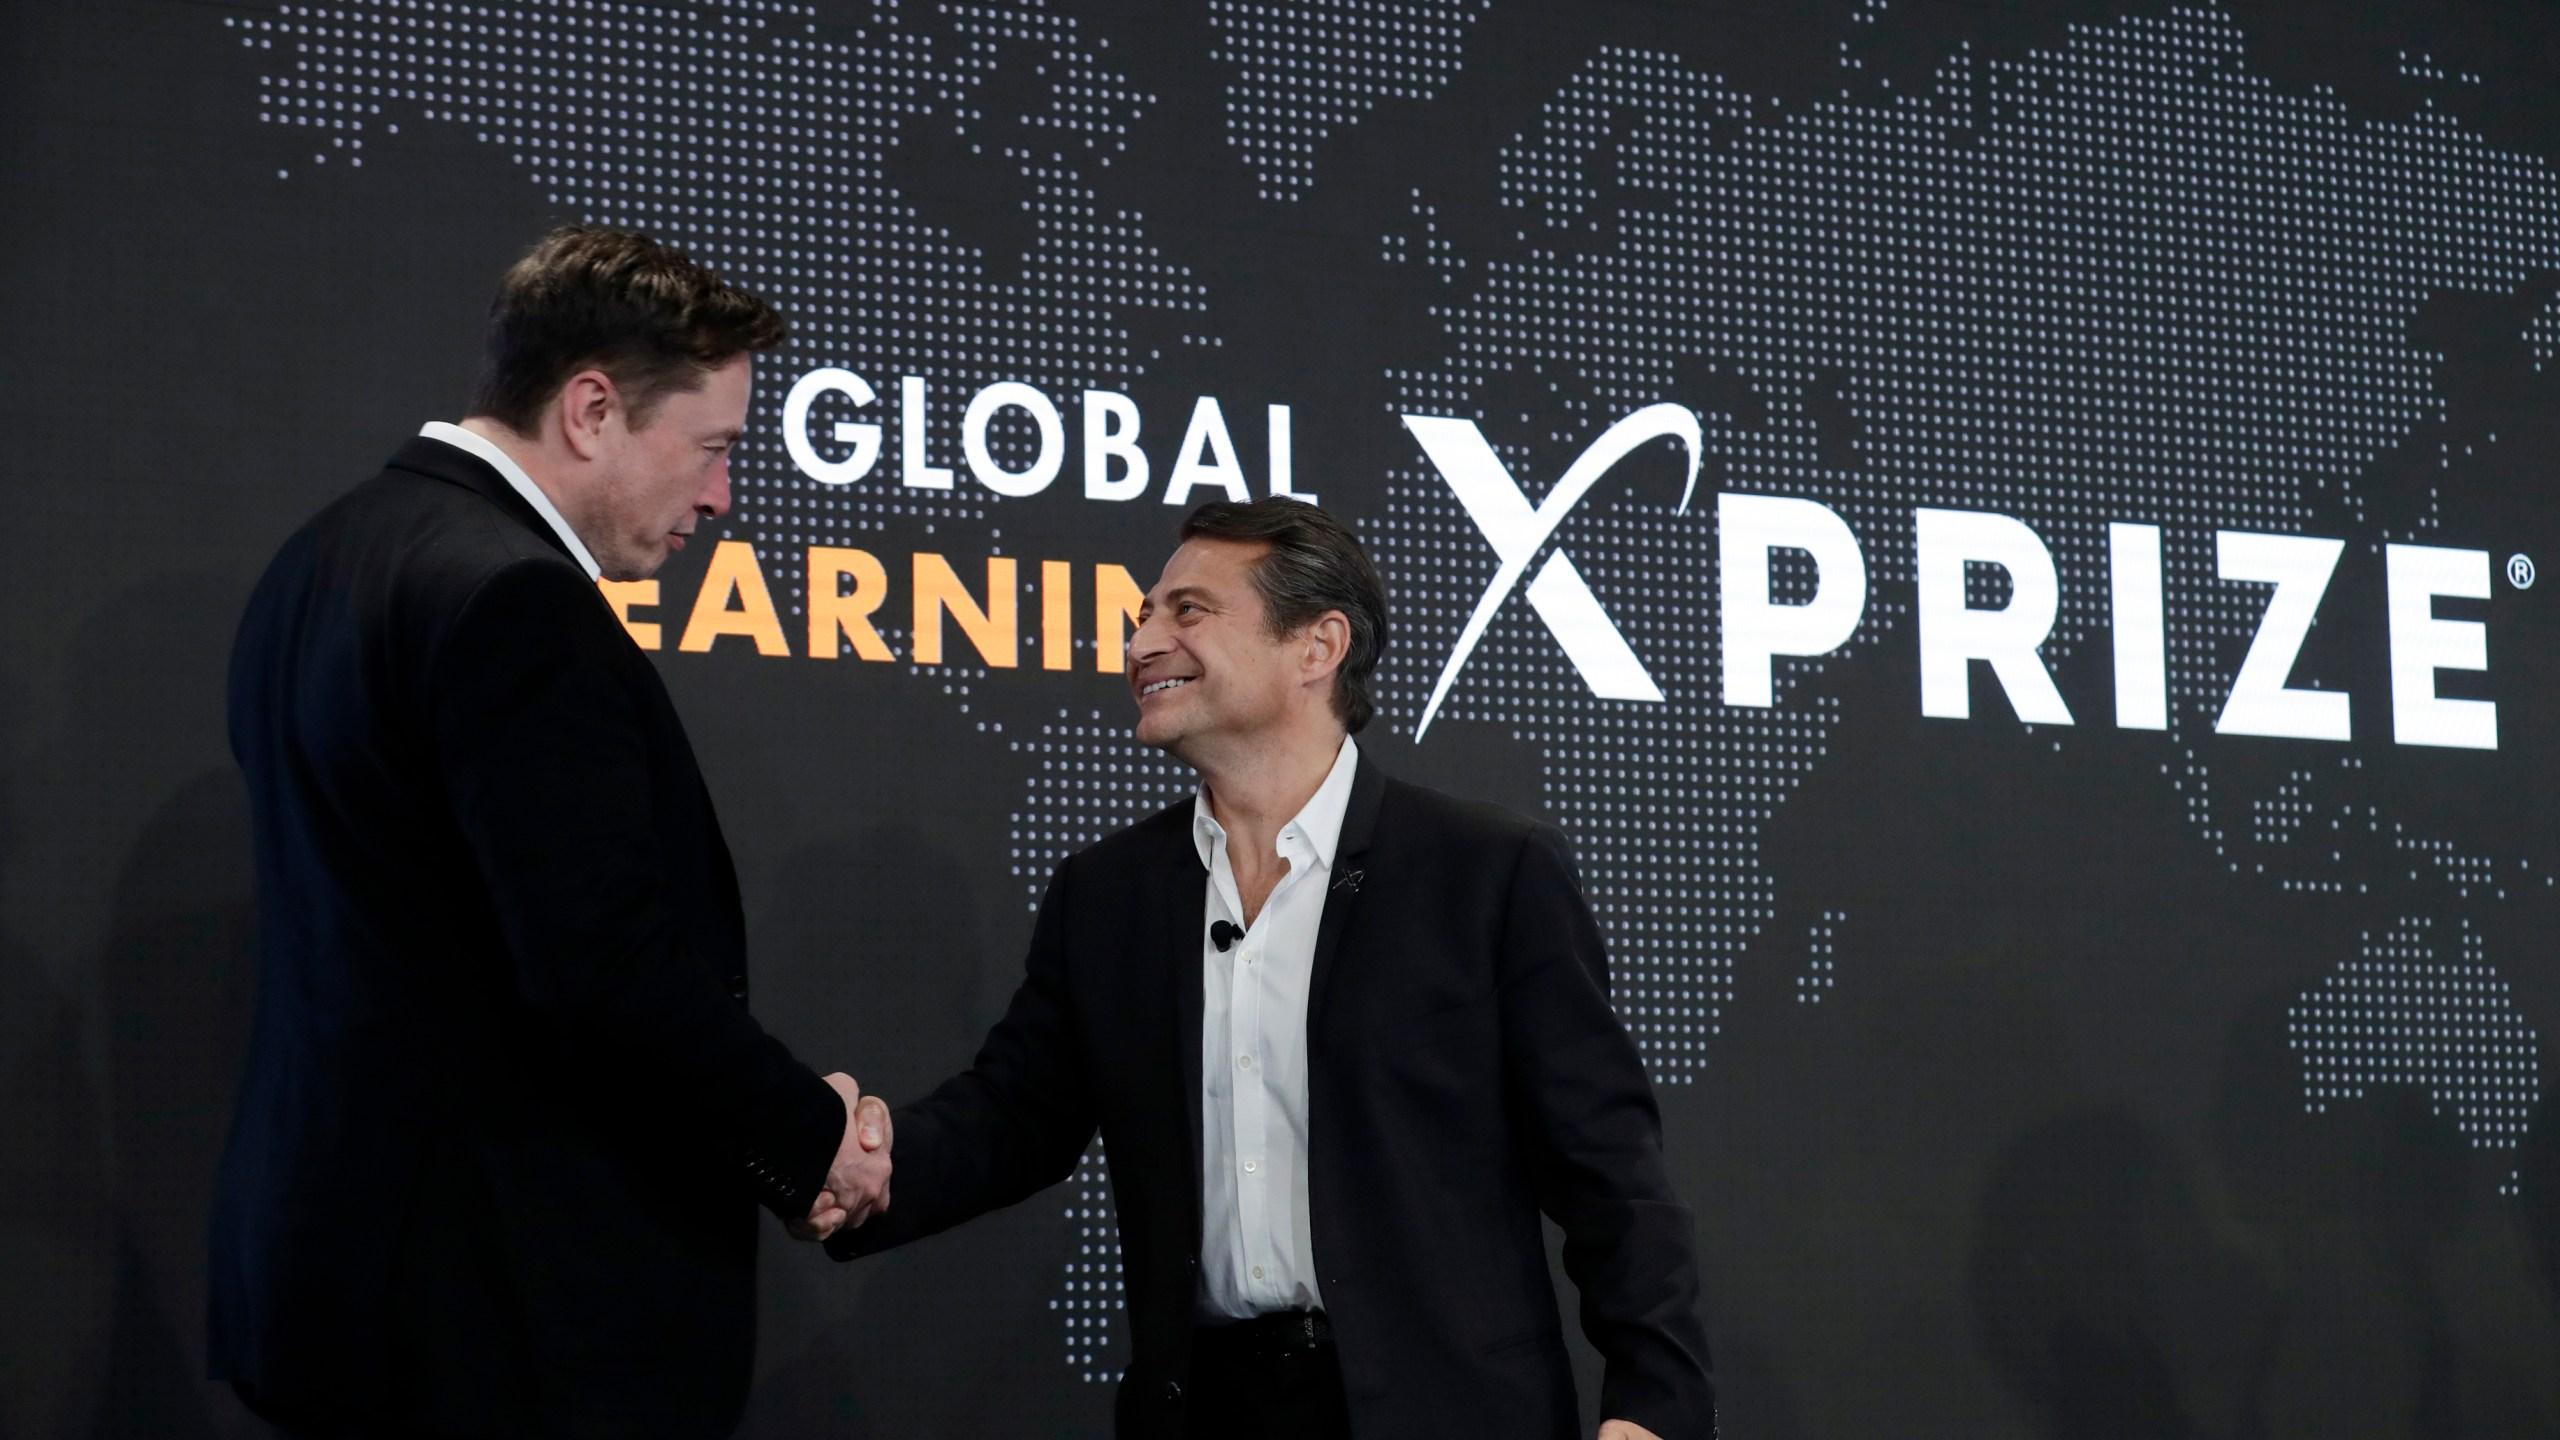 Peter Diamandis, Elon Musk